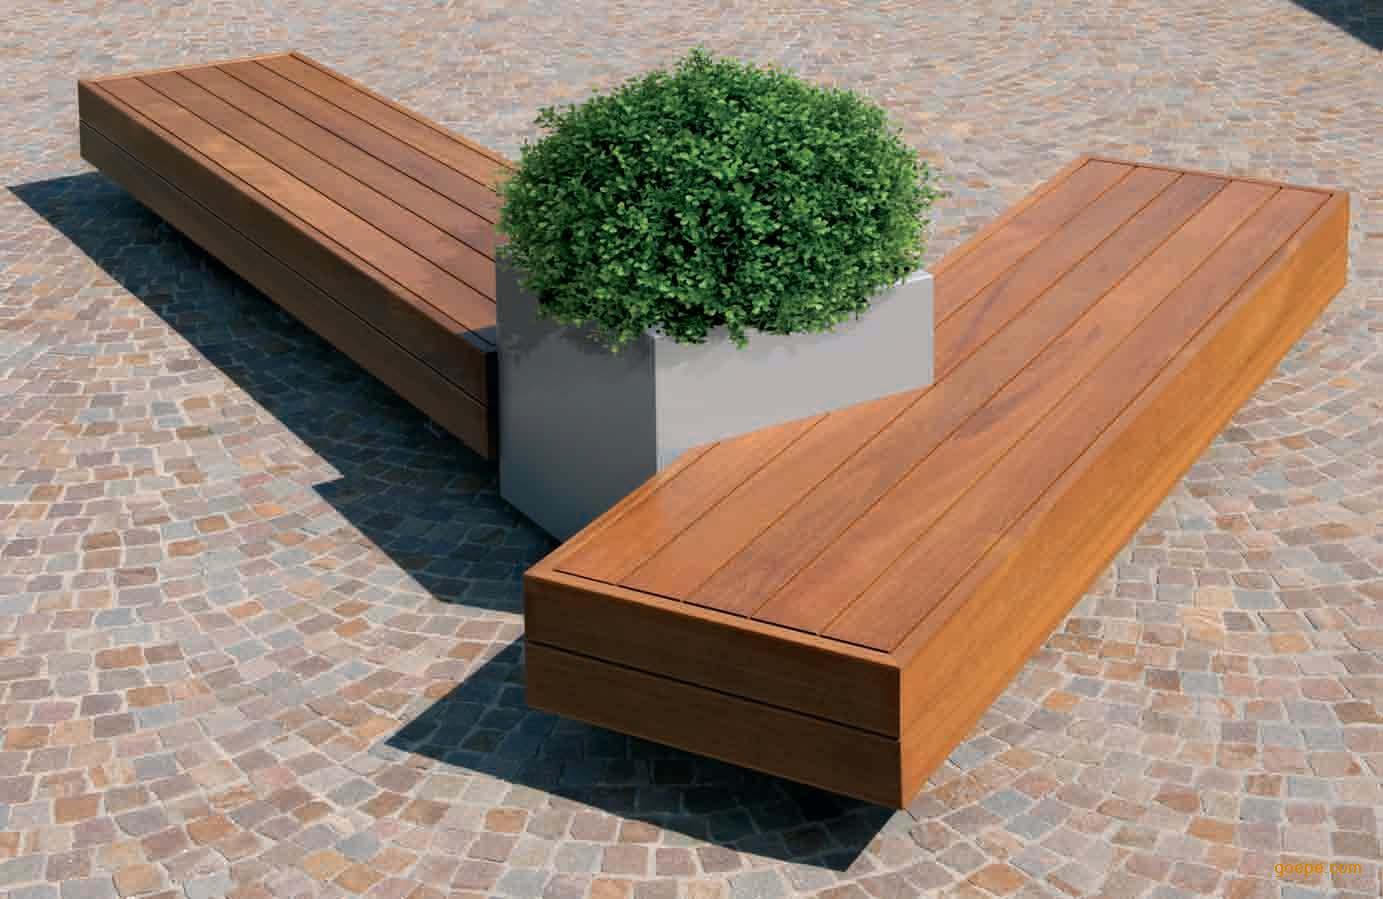 户外休闲椅.公园休闲椅.实木休闲椅图片